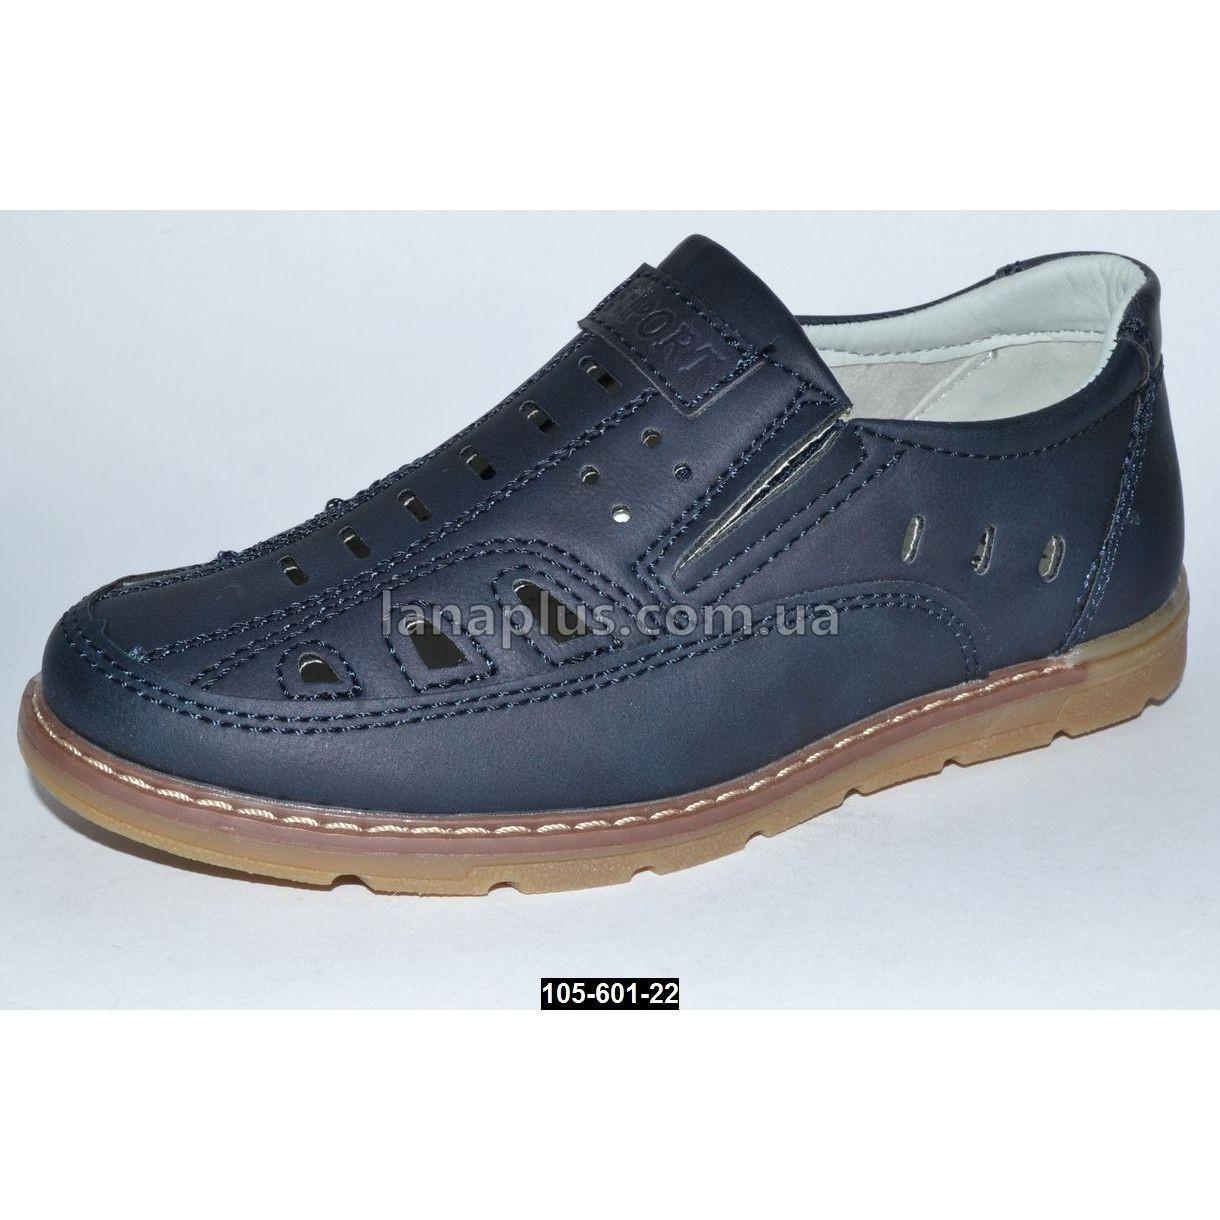 Летние мокасины, туфли для мальчика, 29 размер (18.5 см), супинатор, кожаная стелька